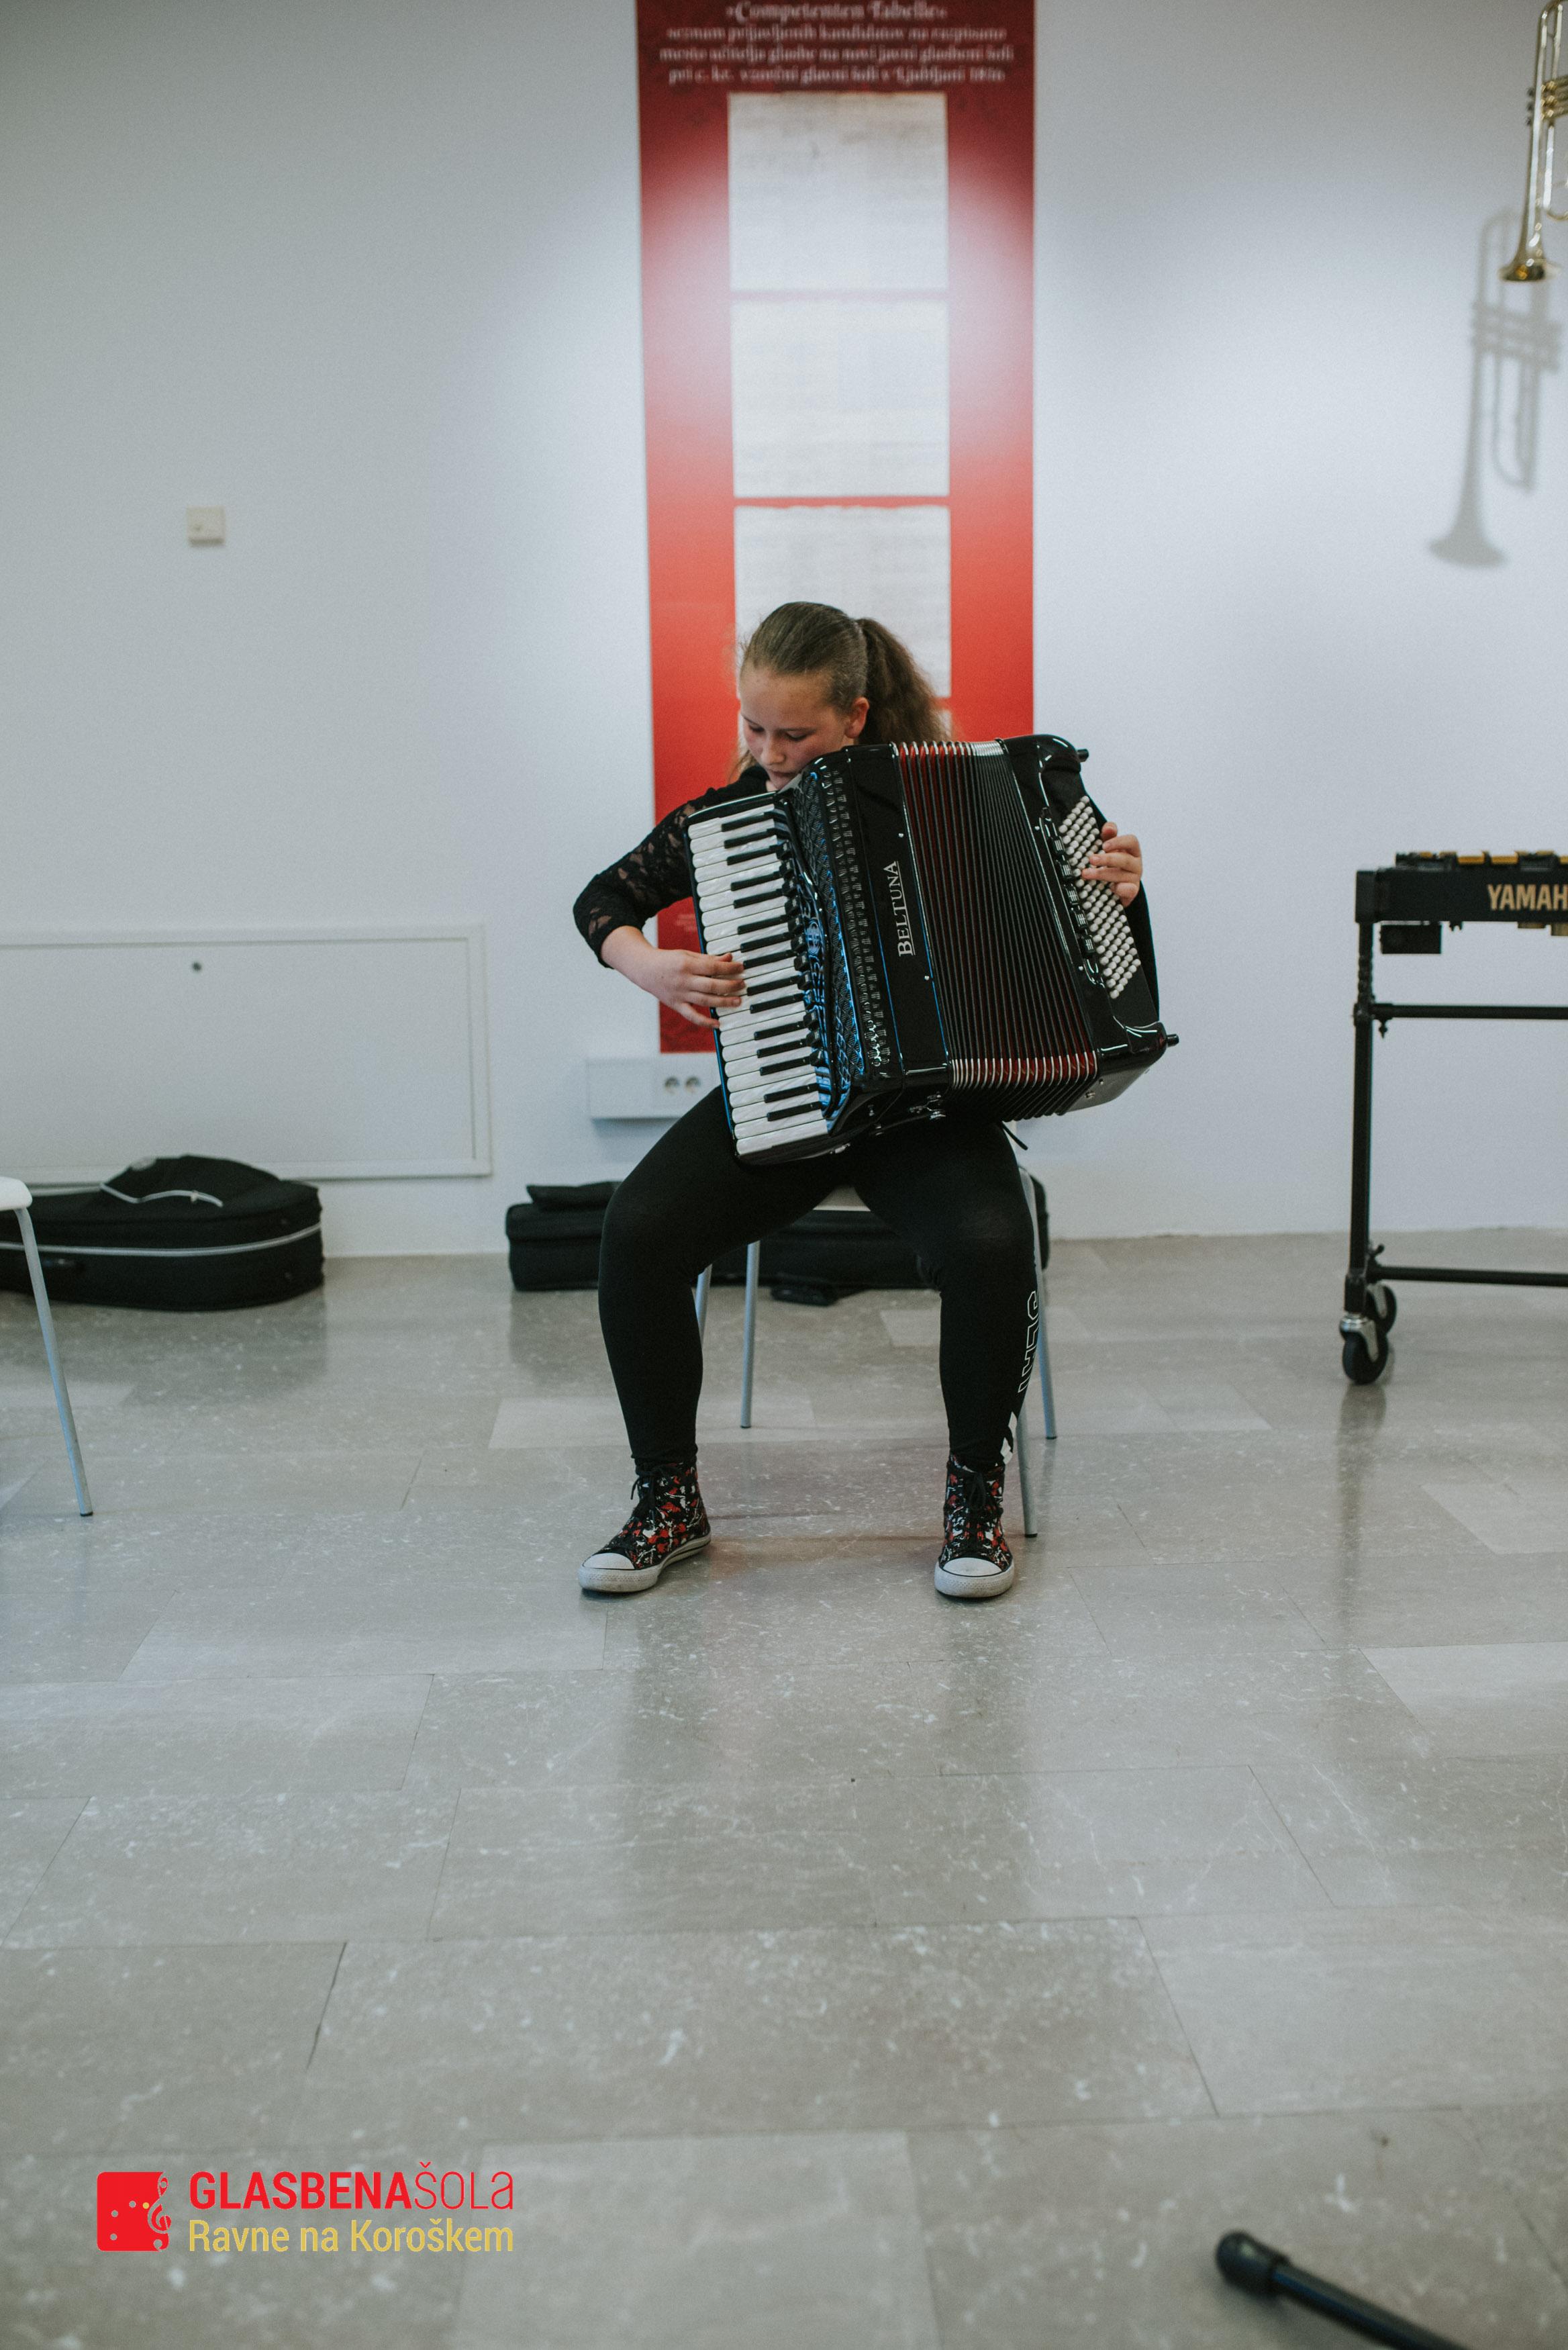 200-let-glasbenega-c5a1olstva-17